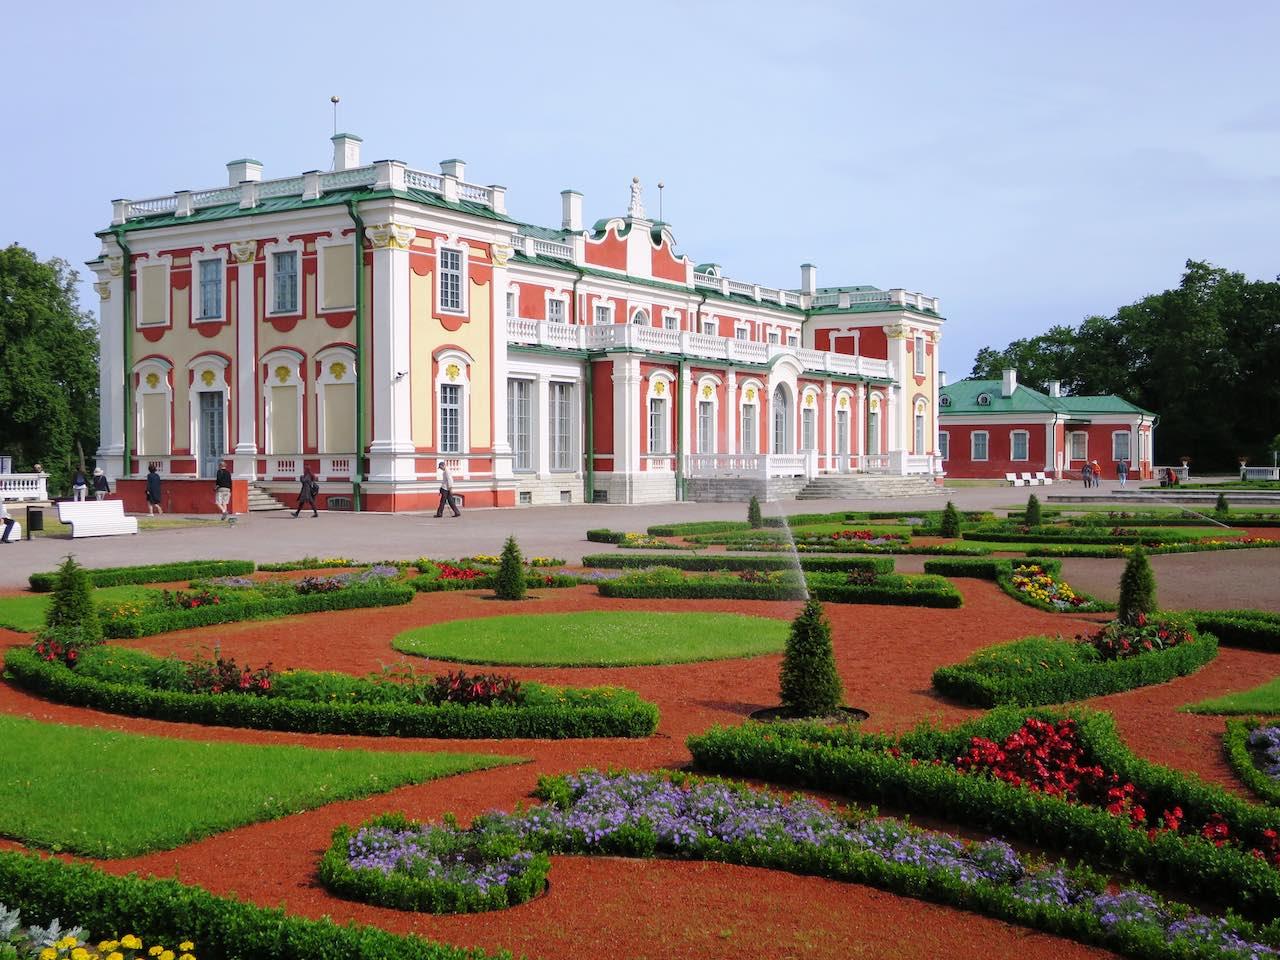 Kadriorg Palace | Photo: Suesun